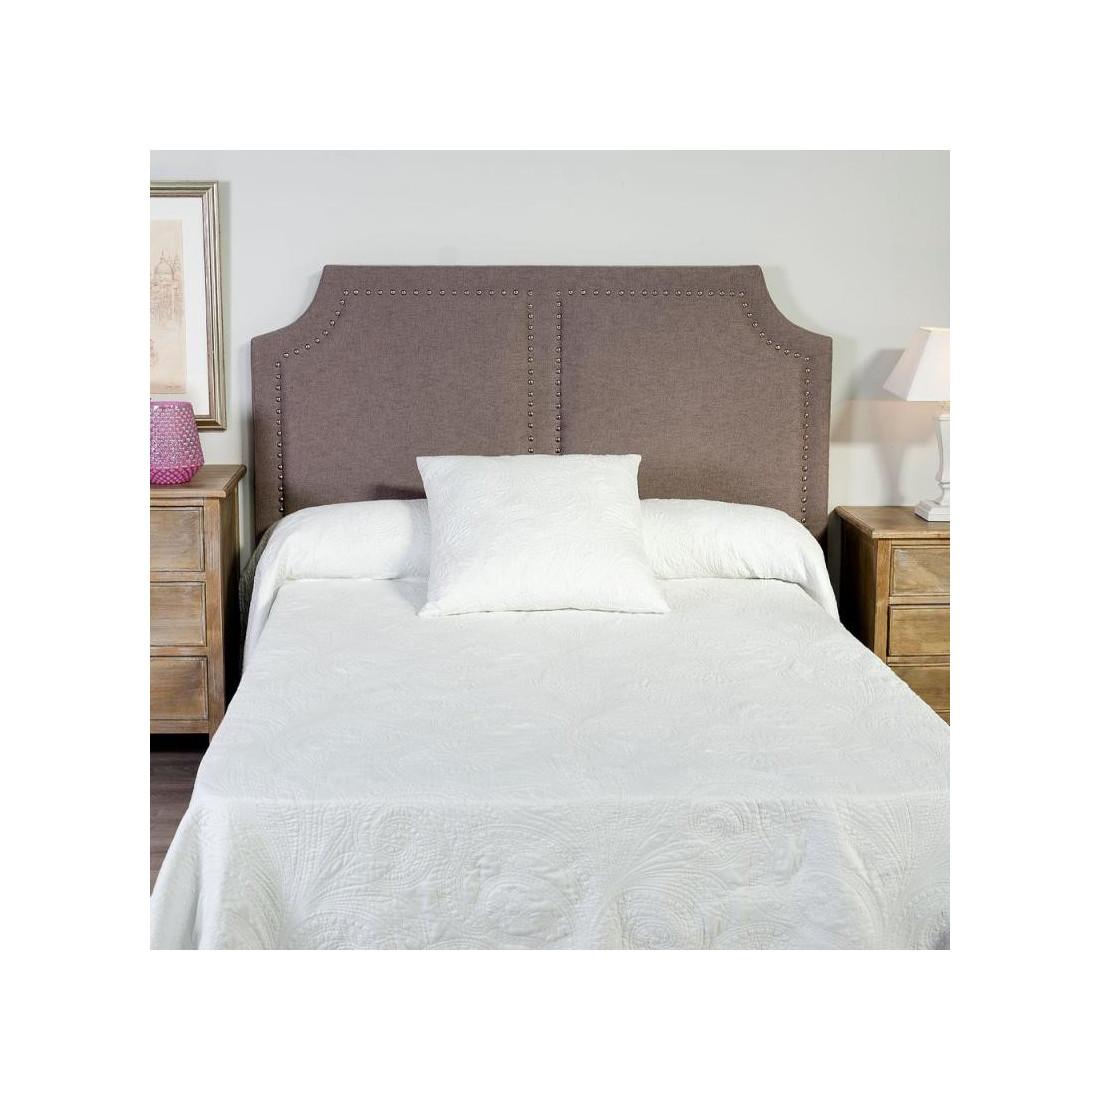 T te de lit clout e gris 160 cm n 4 sweet univers chambre - Tete de lit tissu gris ...